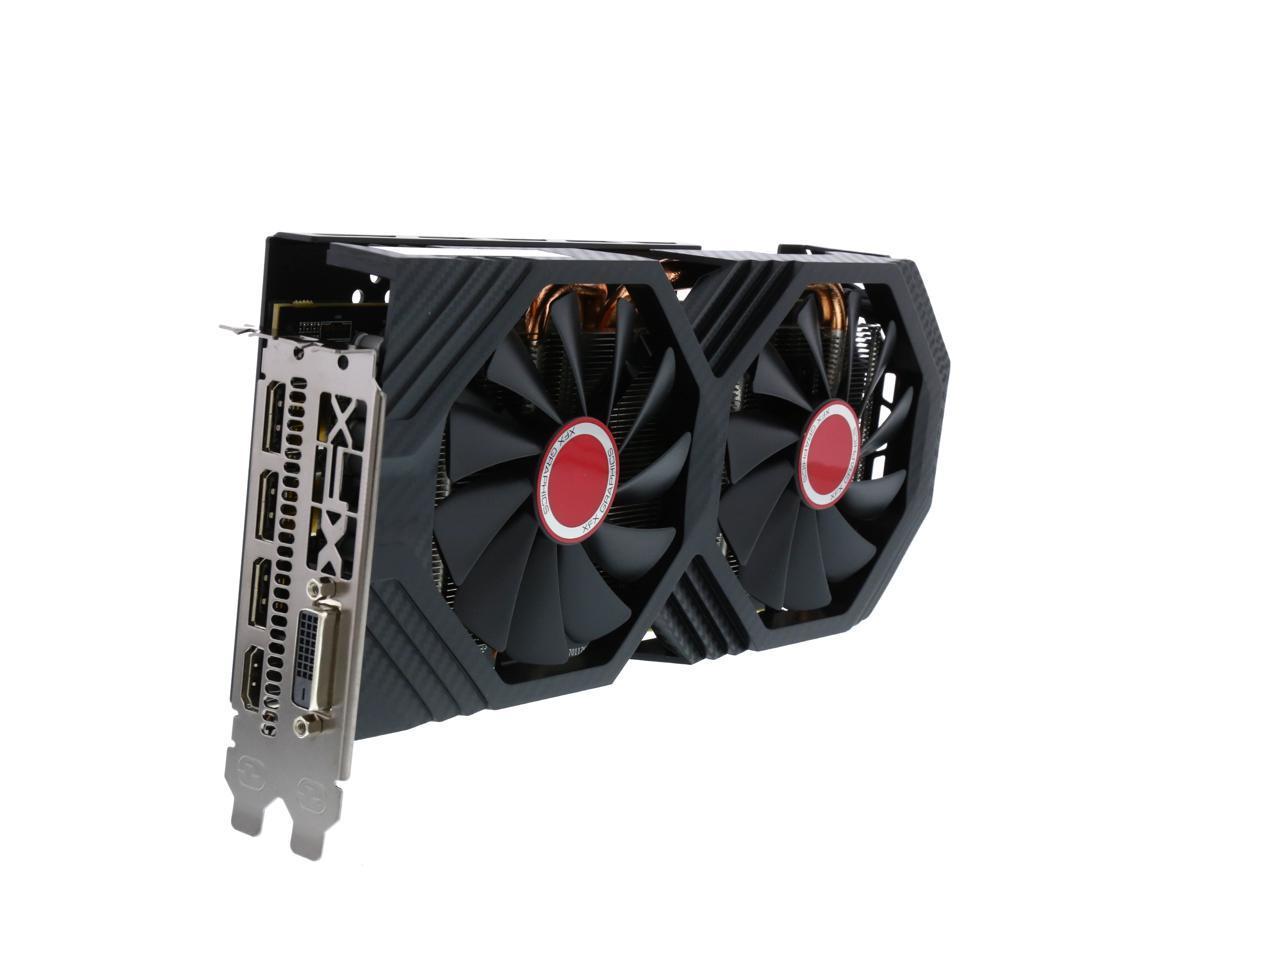 Xfx Radeon Rx 580 Directx 12 Rx 580p8dfd6 Xxx Edition 8gb 256 Bit Gddr5 Pci Express 3 0 Crossfirex Support Video Card Newegg Com